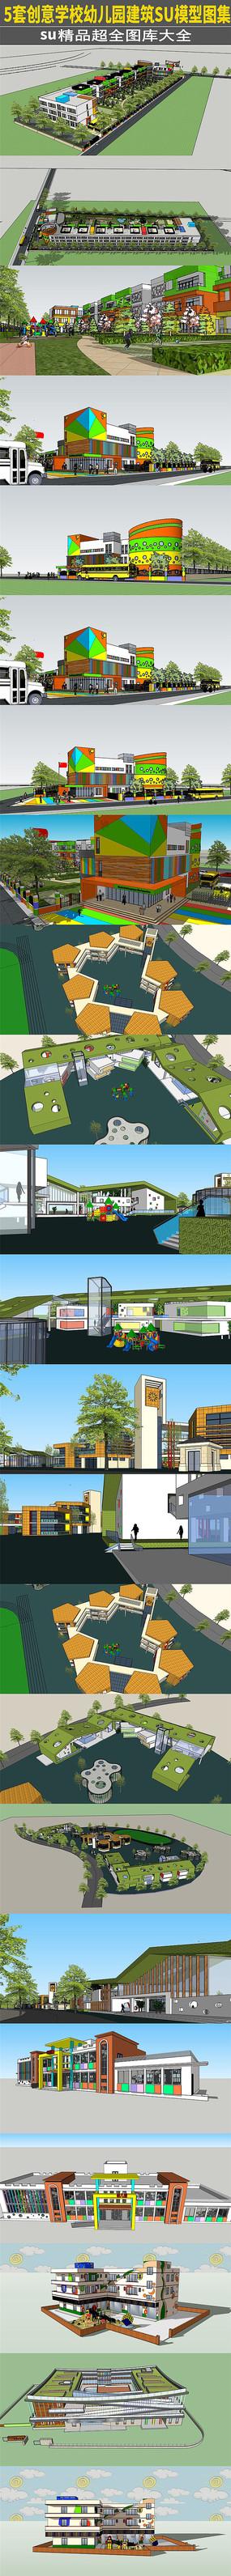 创意学校幼儿园建筑SU模型图集